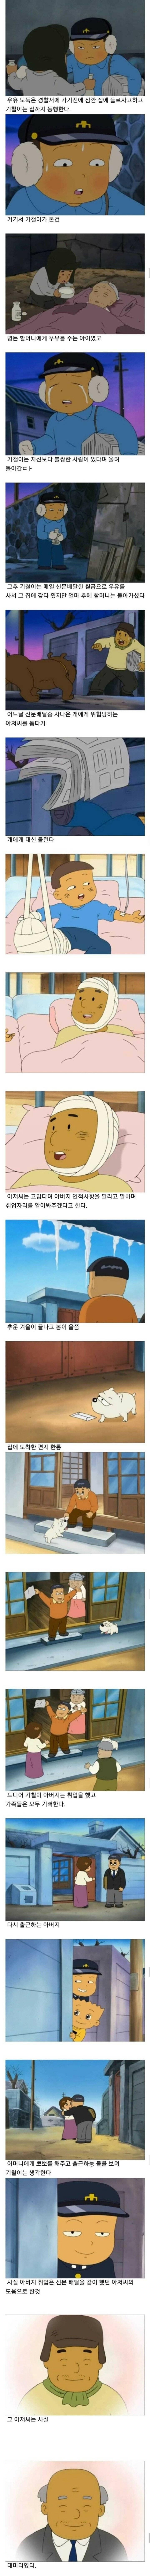 검정고무신 감동결말.jpg | 인스티즈